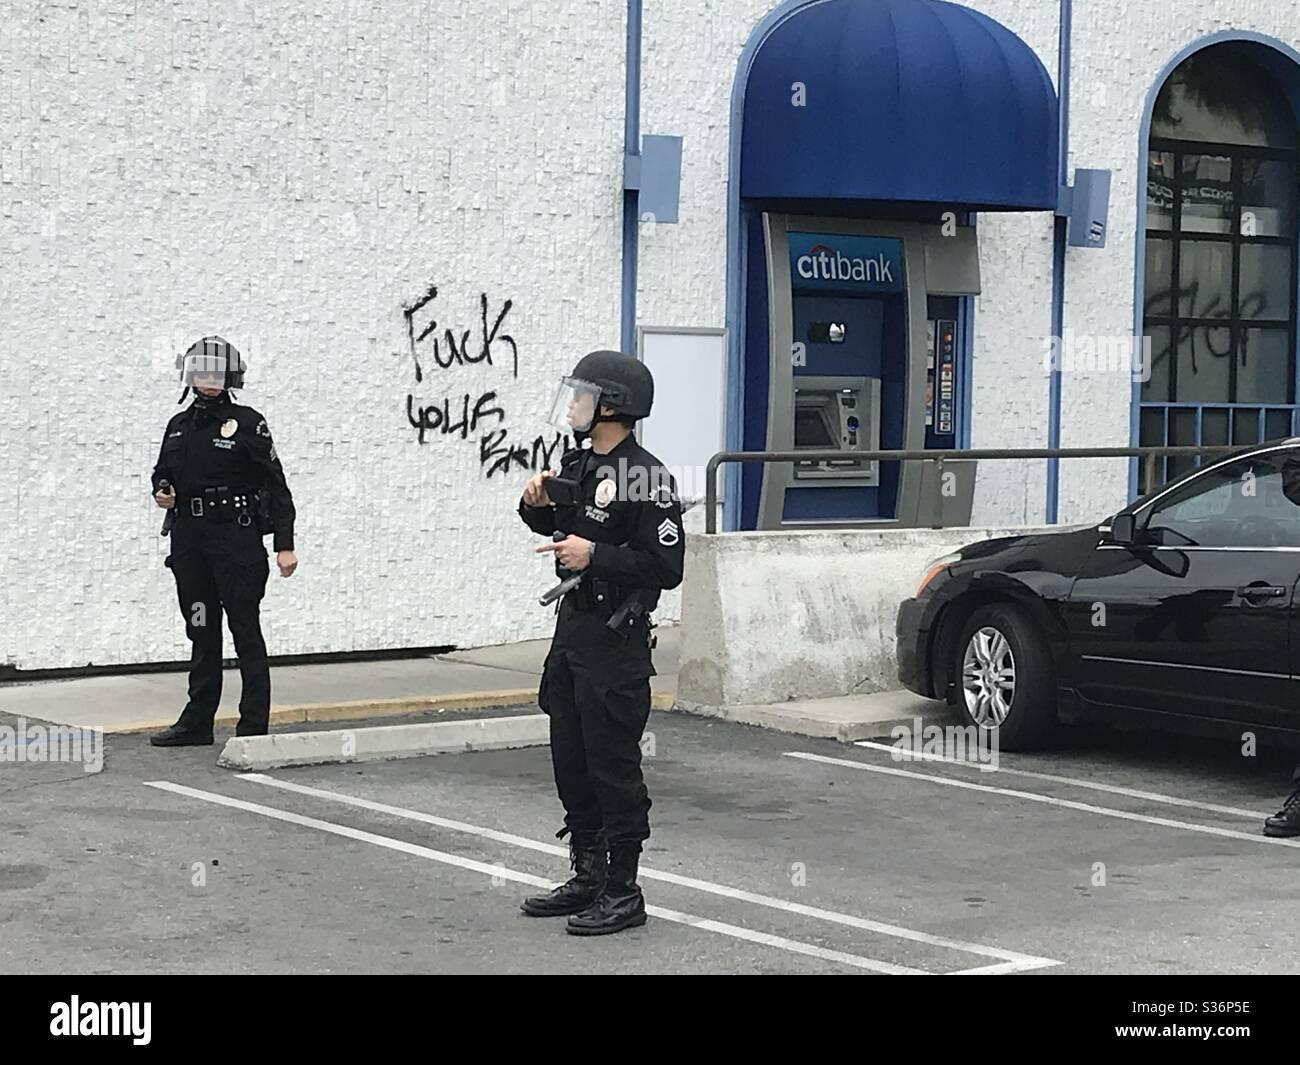 Die Polizei steht bereit, als die Proteste eskalieren Stockfoto